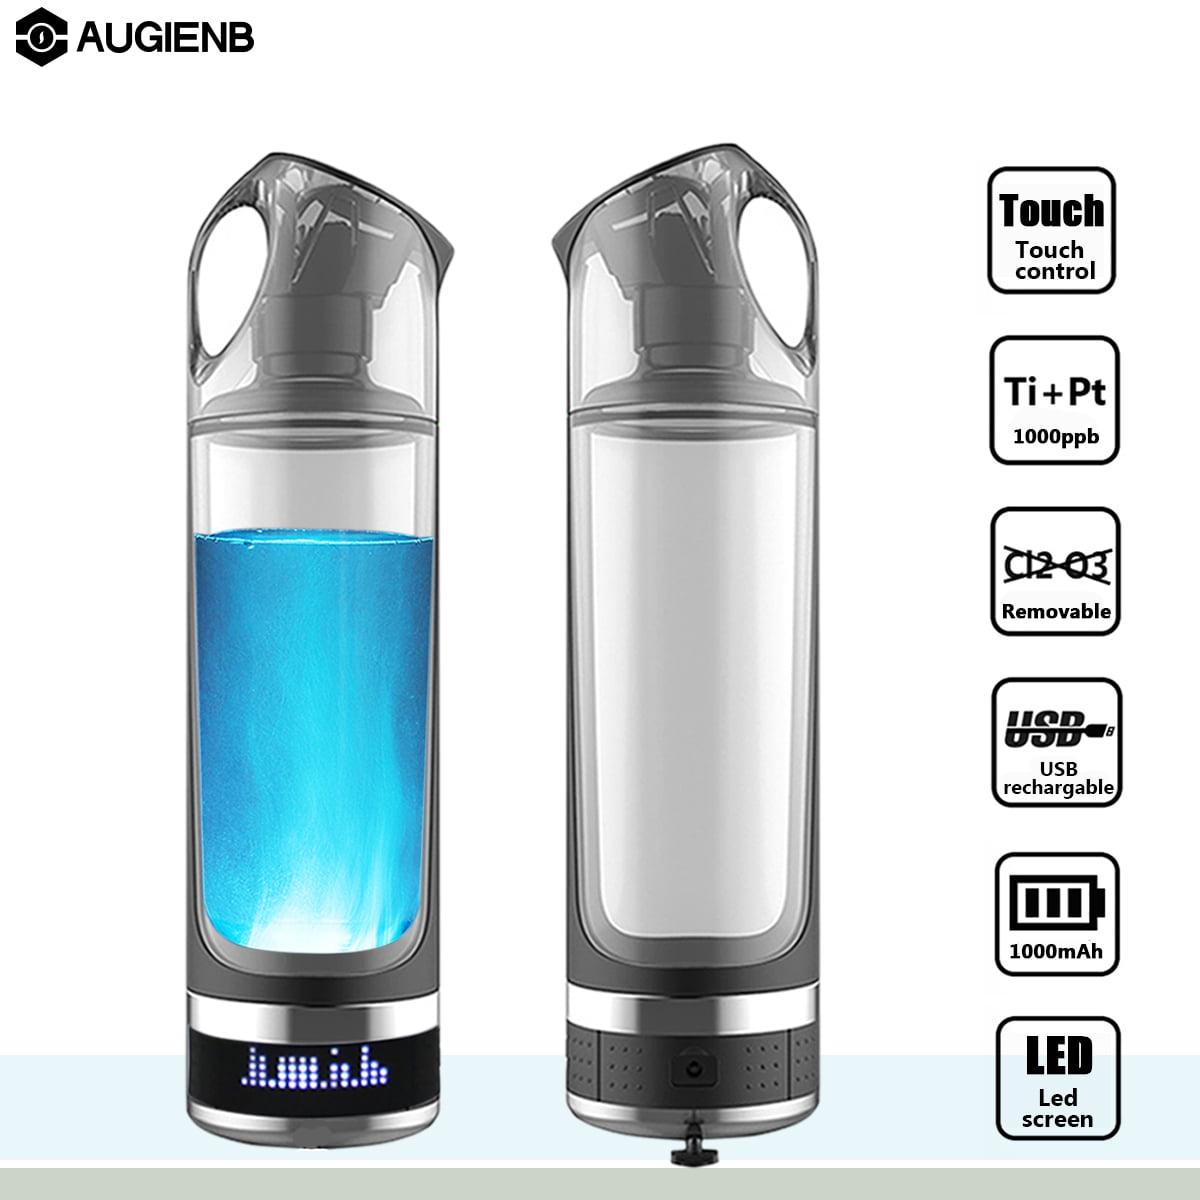 AUGIENB 500ml Hydrogen Rich Alkaline Water Cup Ionizer Maker Generator Energy Bottle,Leak-proof Purifier Filter... by